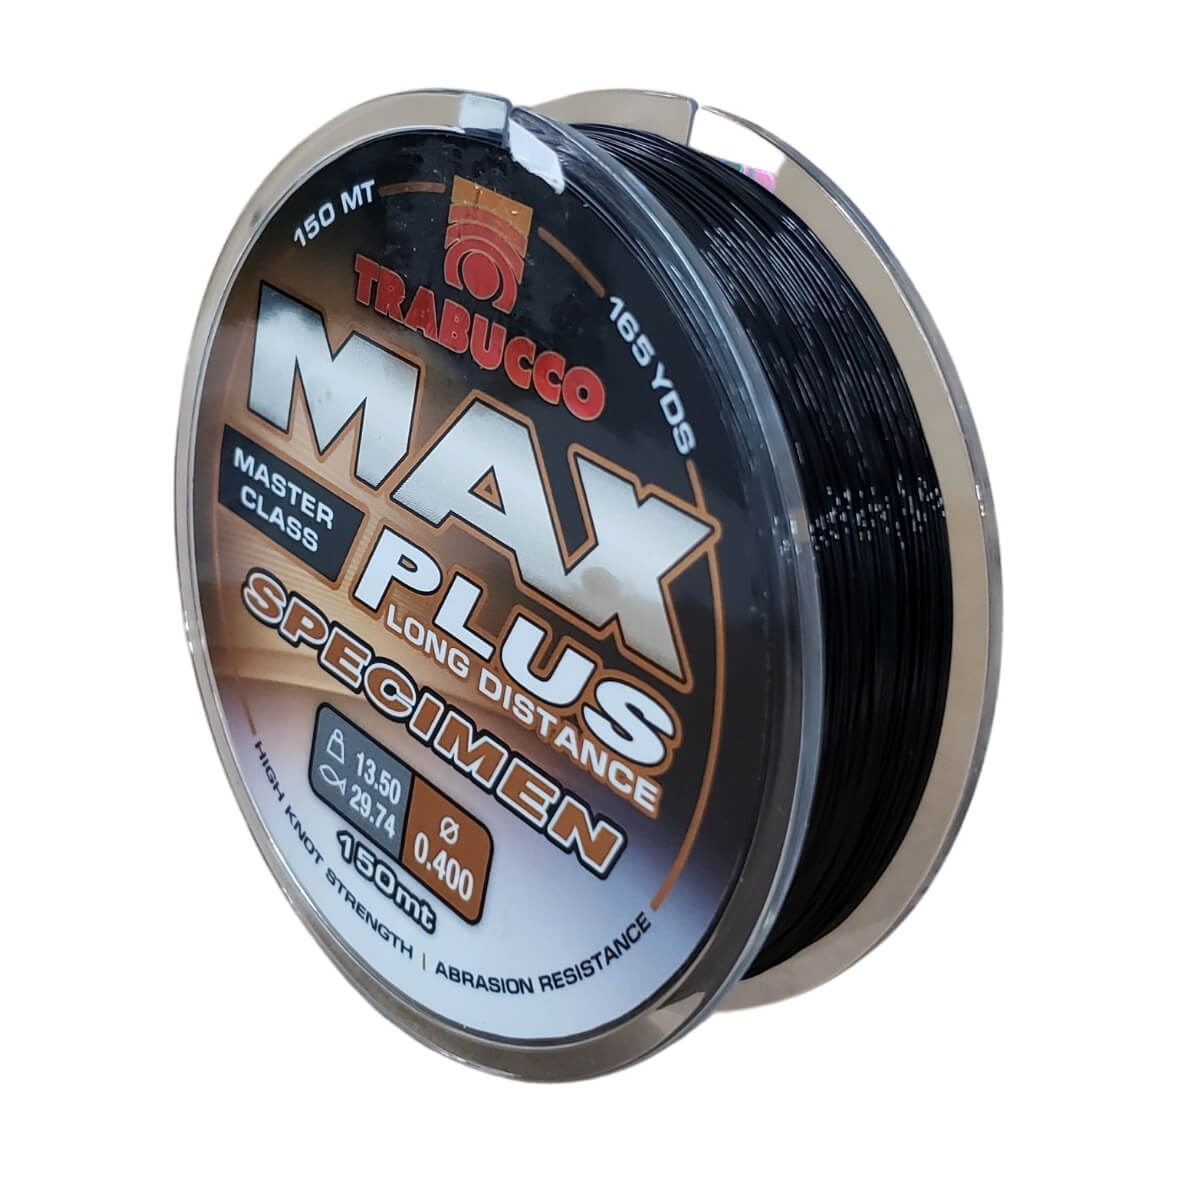 Linha Trabucco Specimen Max Plus Preta 150 m  - Pró Pesca Shop